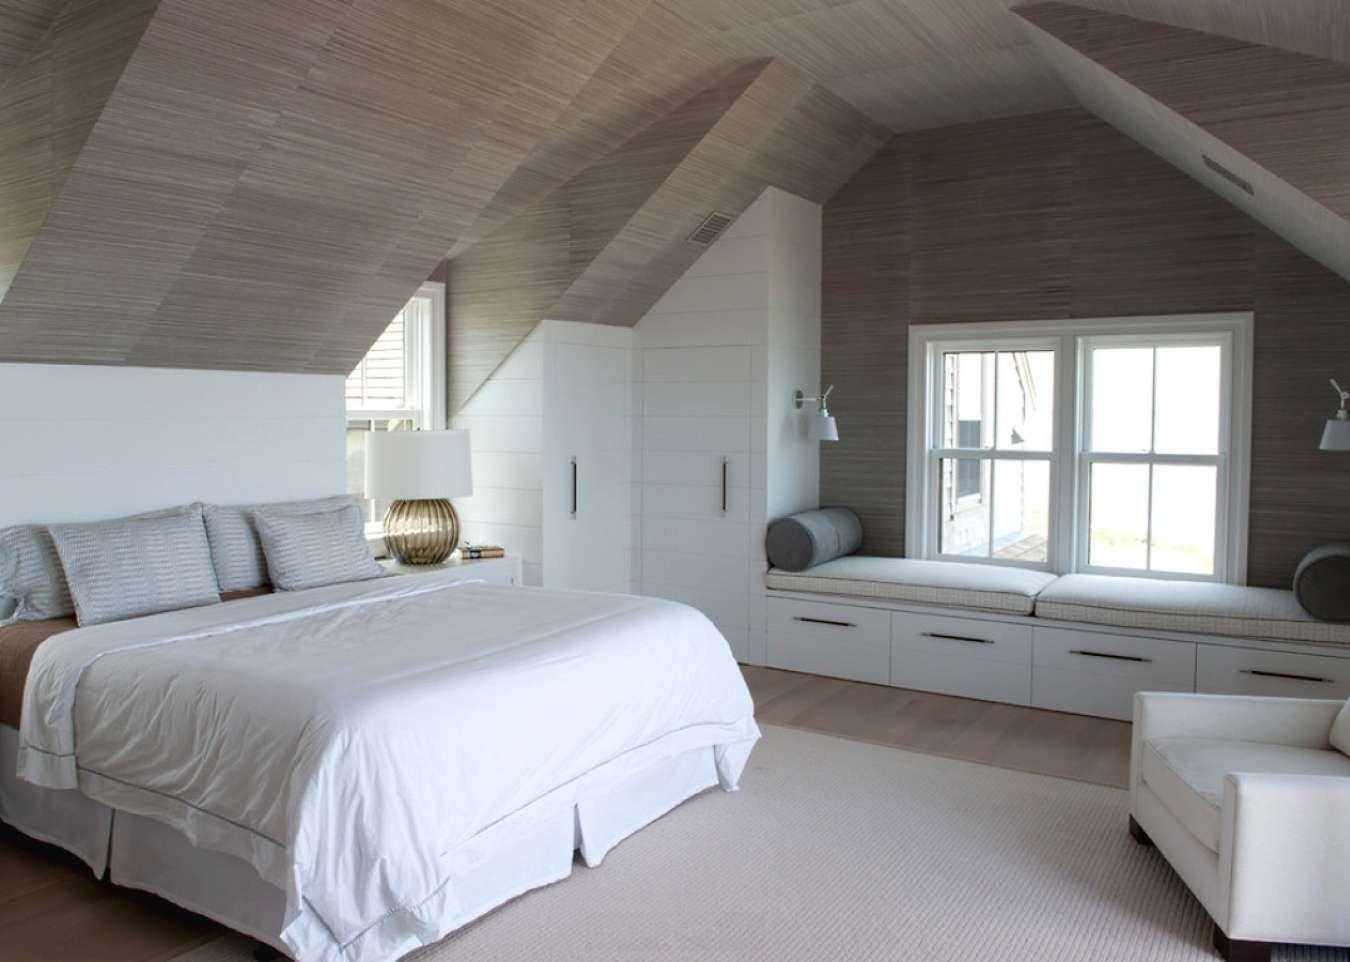 Идеи дизайна спальни на мансарде фото 10